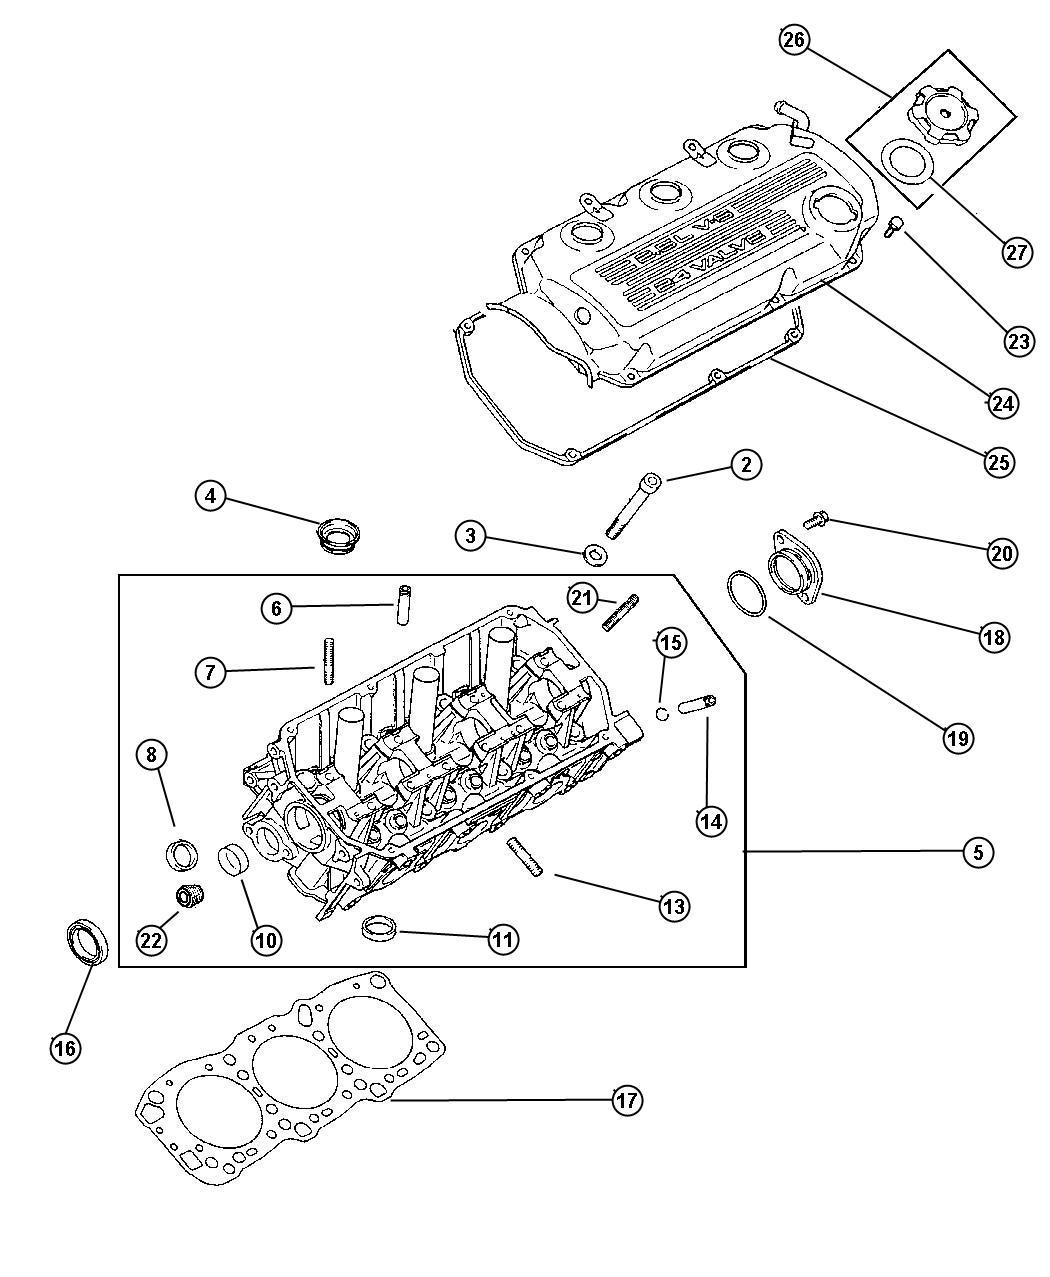 2008 4x2, 6.7L Cummins Turbo Diesel, 6-Spd Auto AISIN